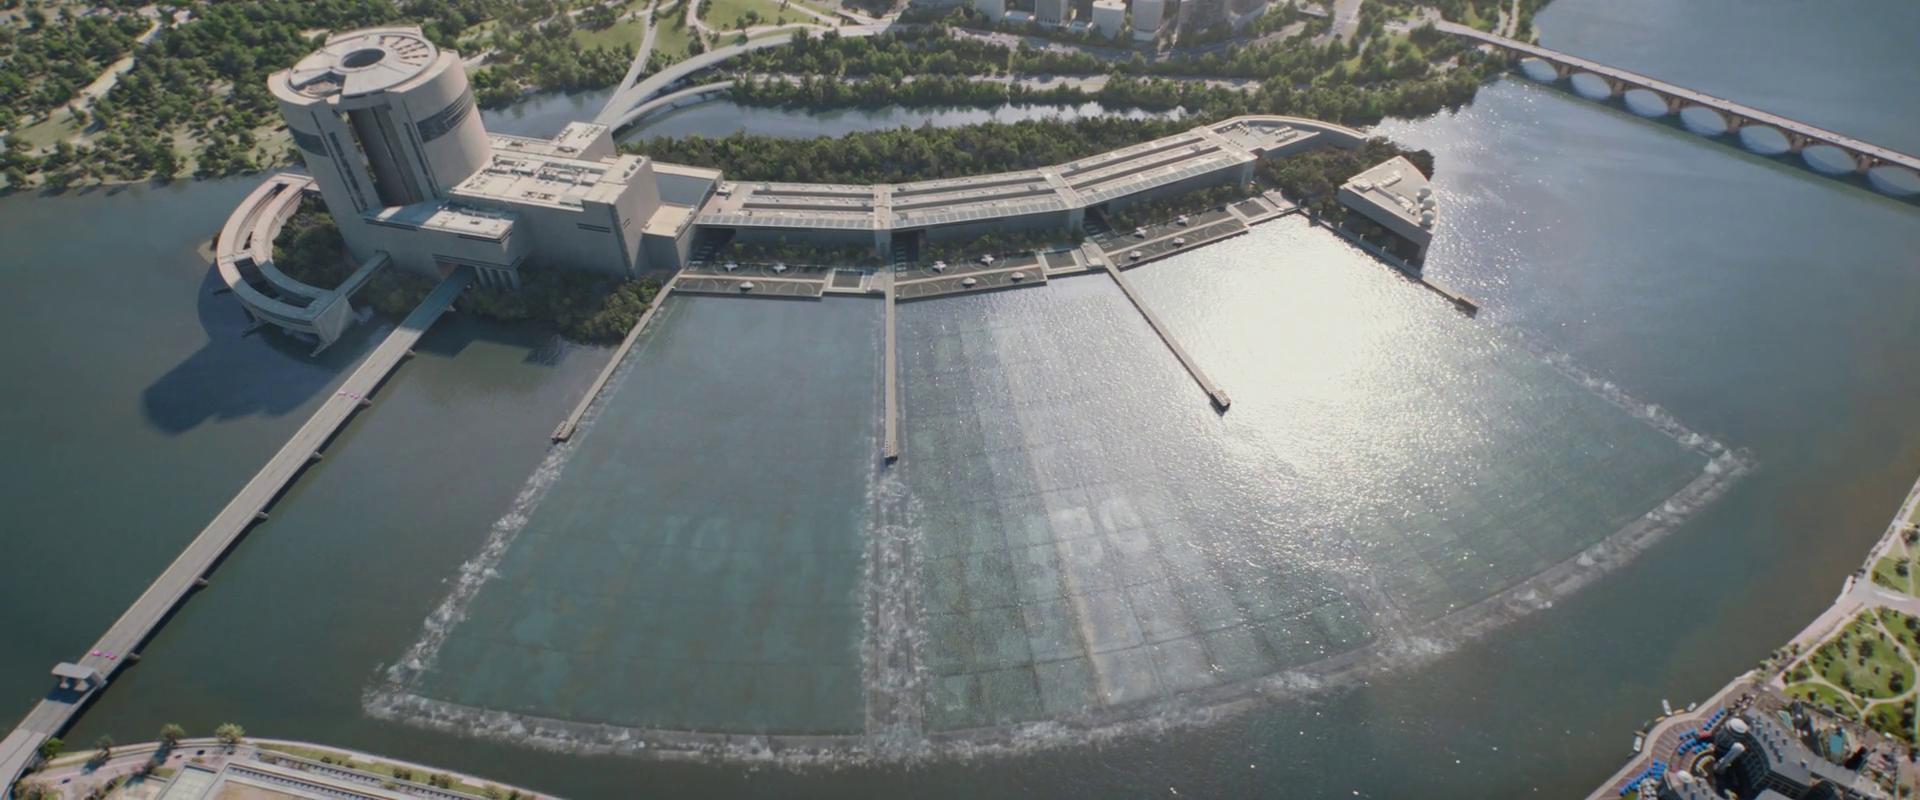 Captain America: Winter Soldier  (2014), hanger roofs begin to open.